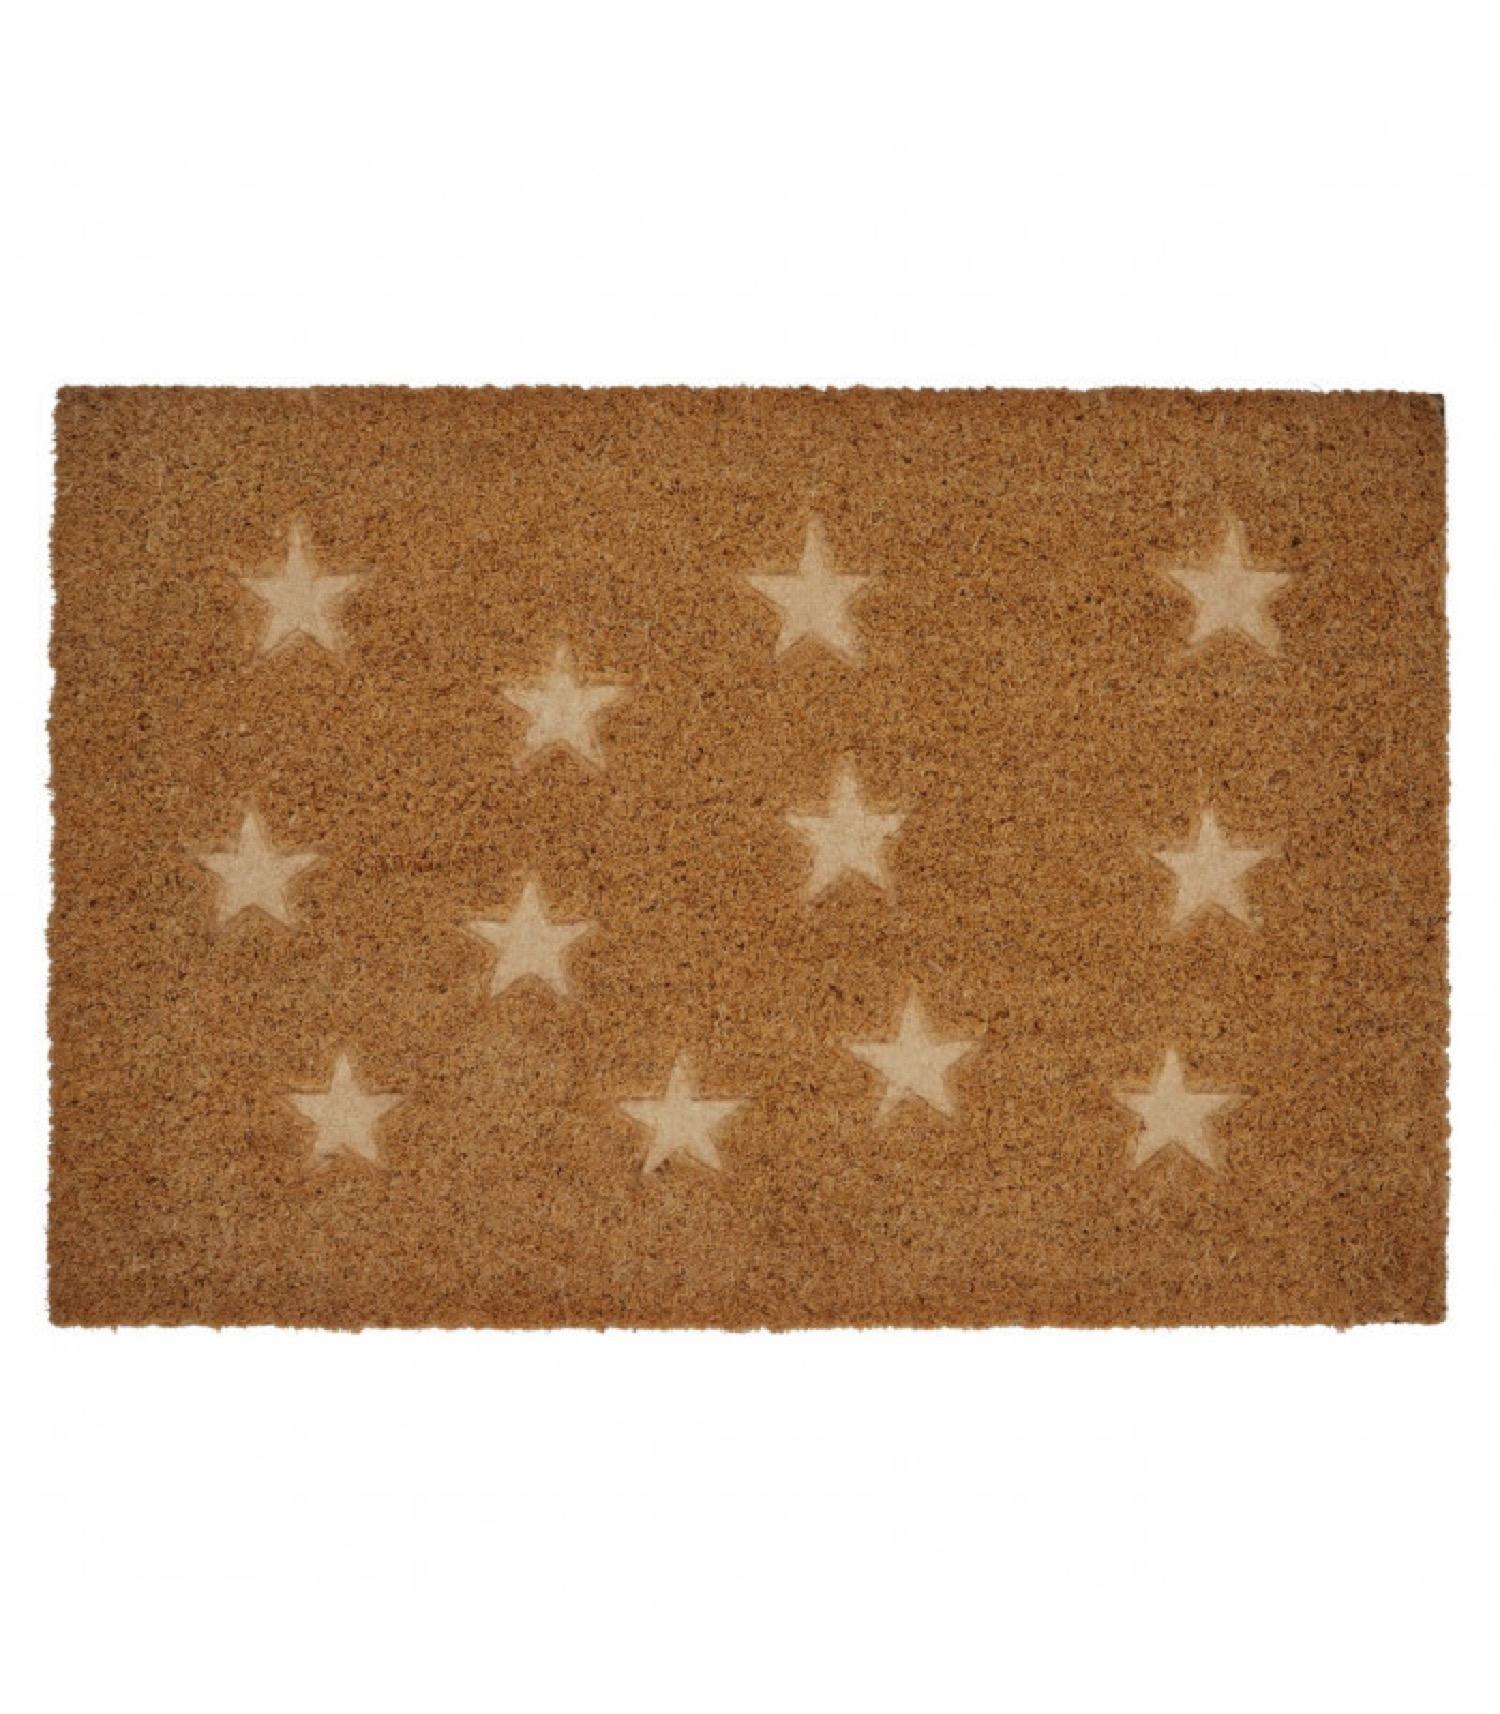 Paillasson coco étoiles embossées 60x40cm